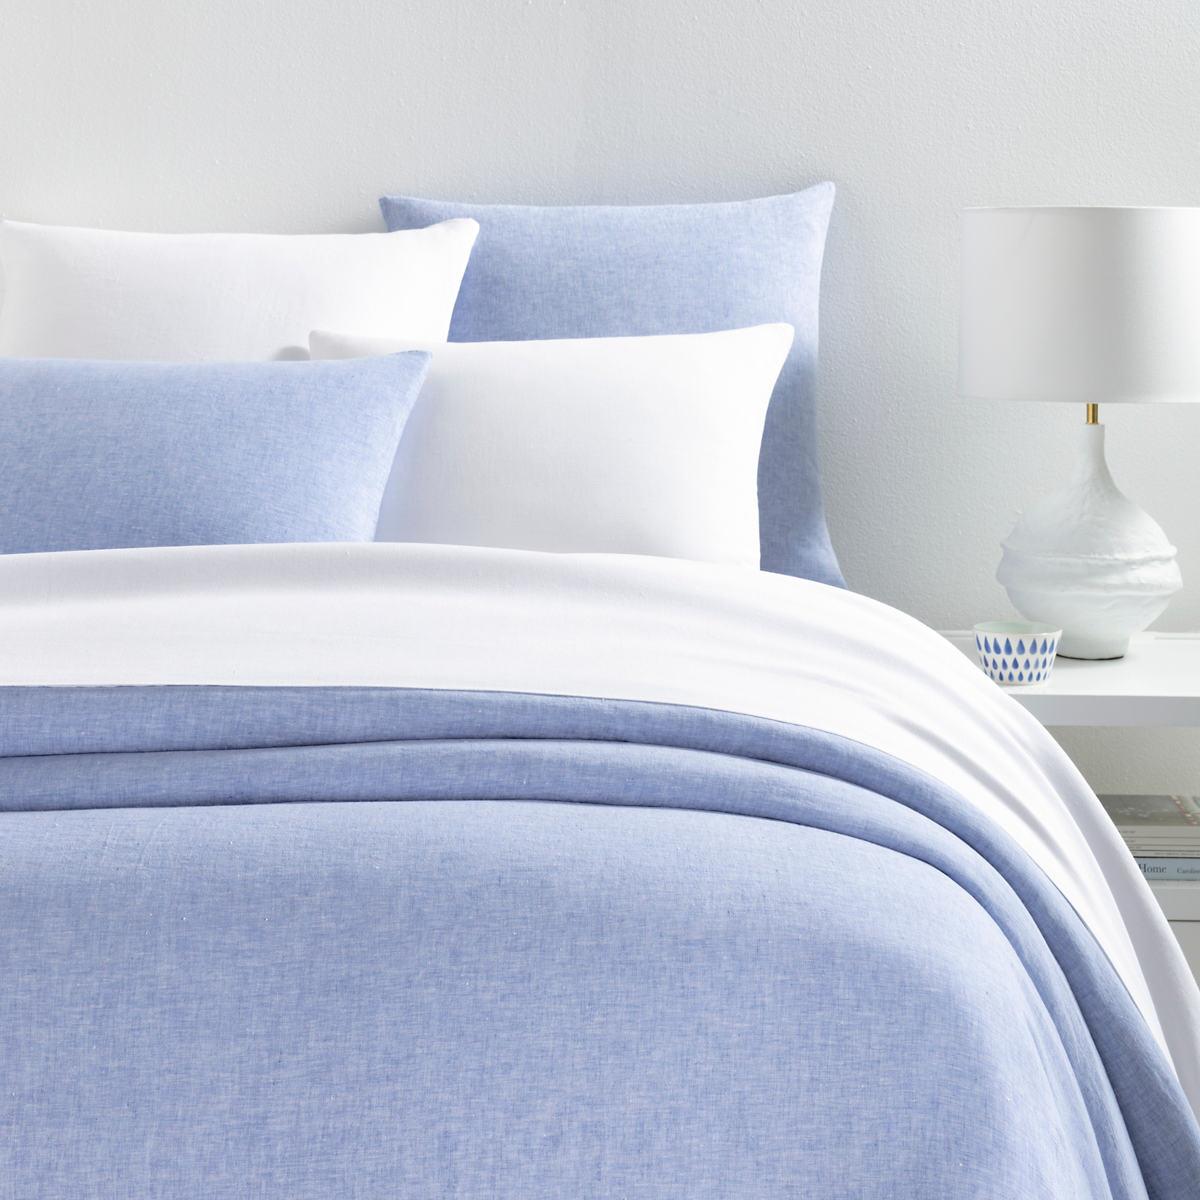 Lush Linen French Blue Duvet Cover